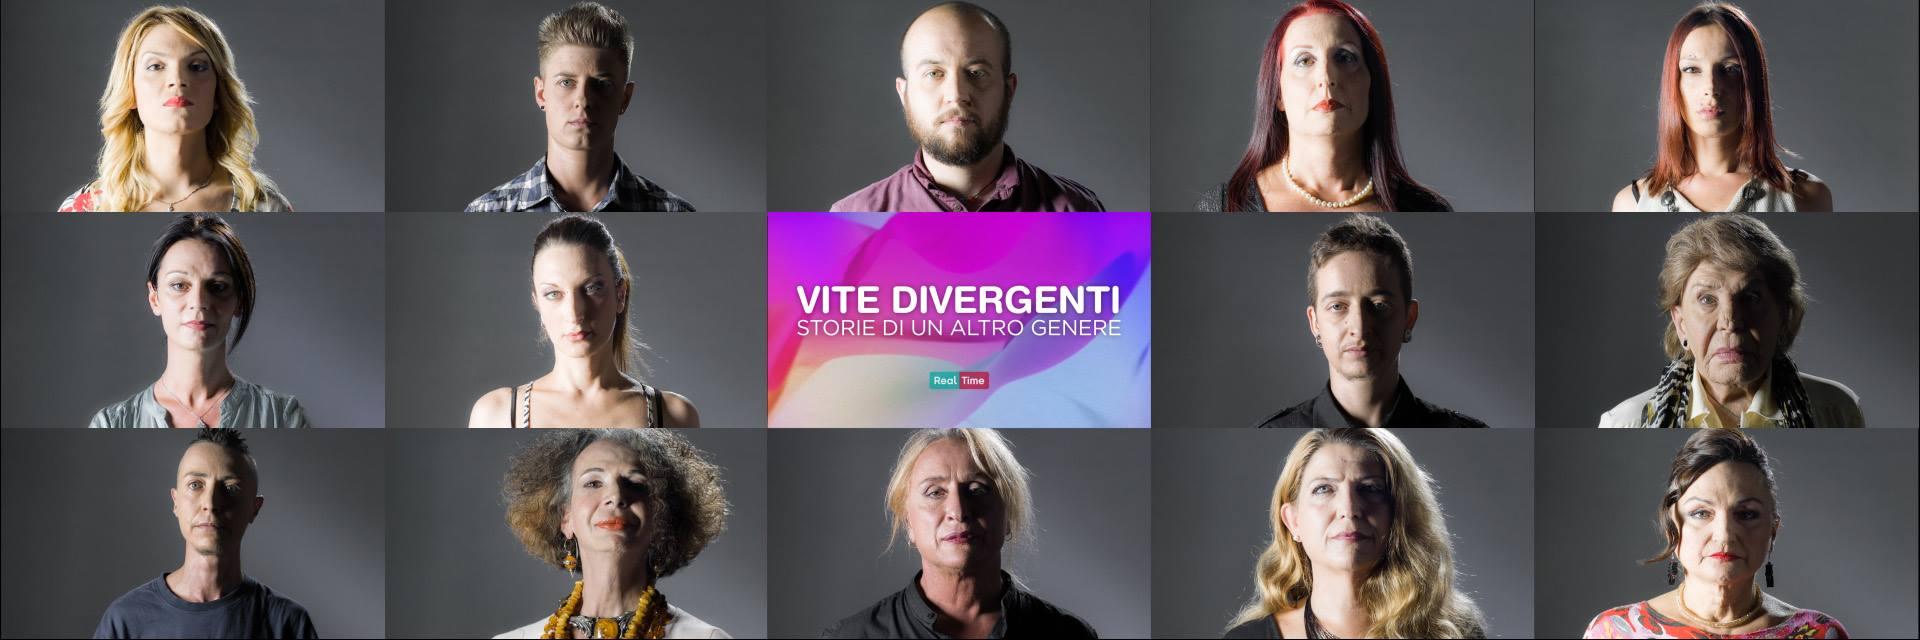 Vite Divergenti | Storie di un altro genere